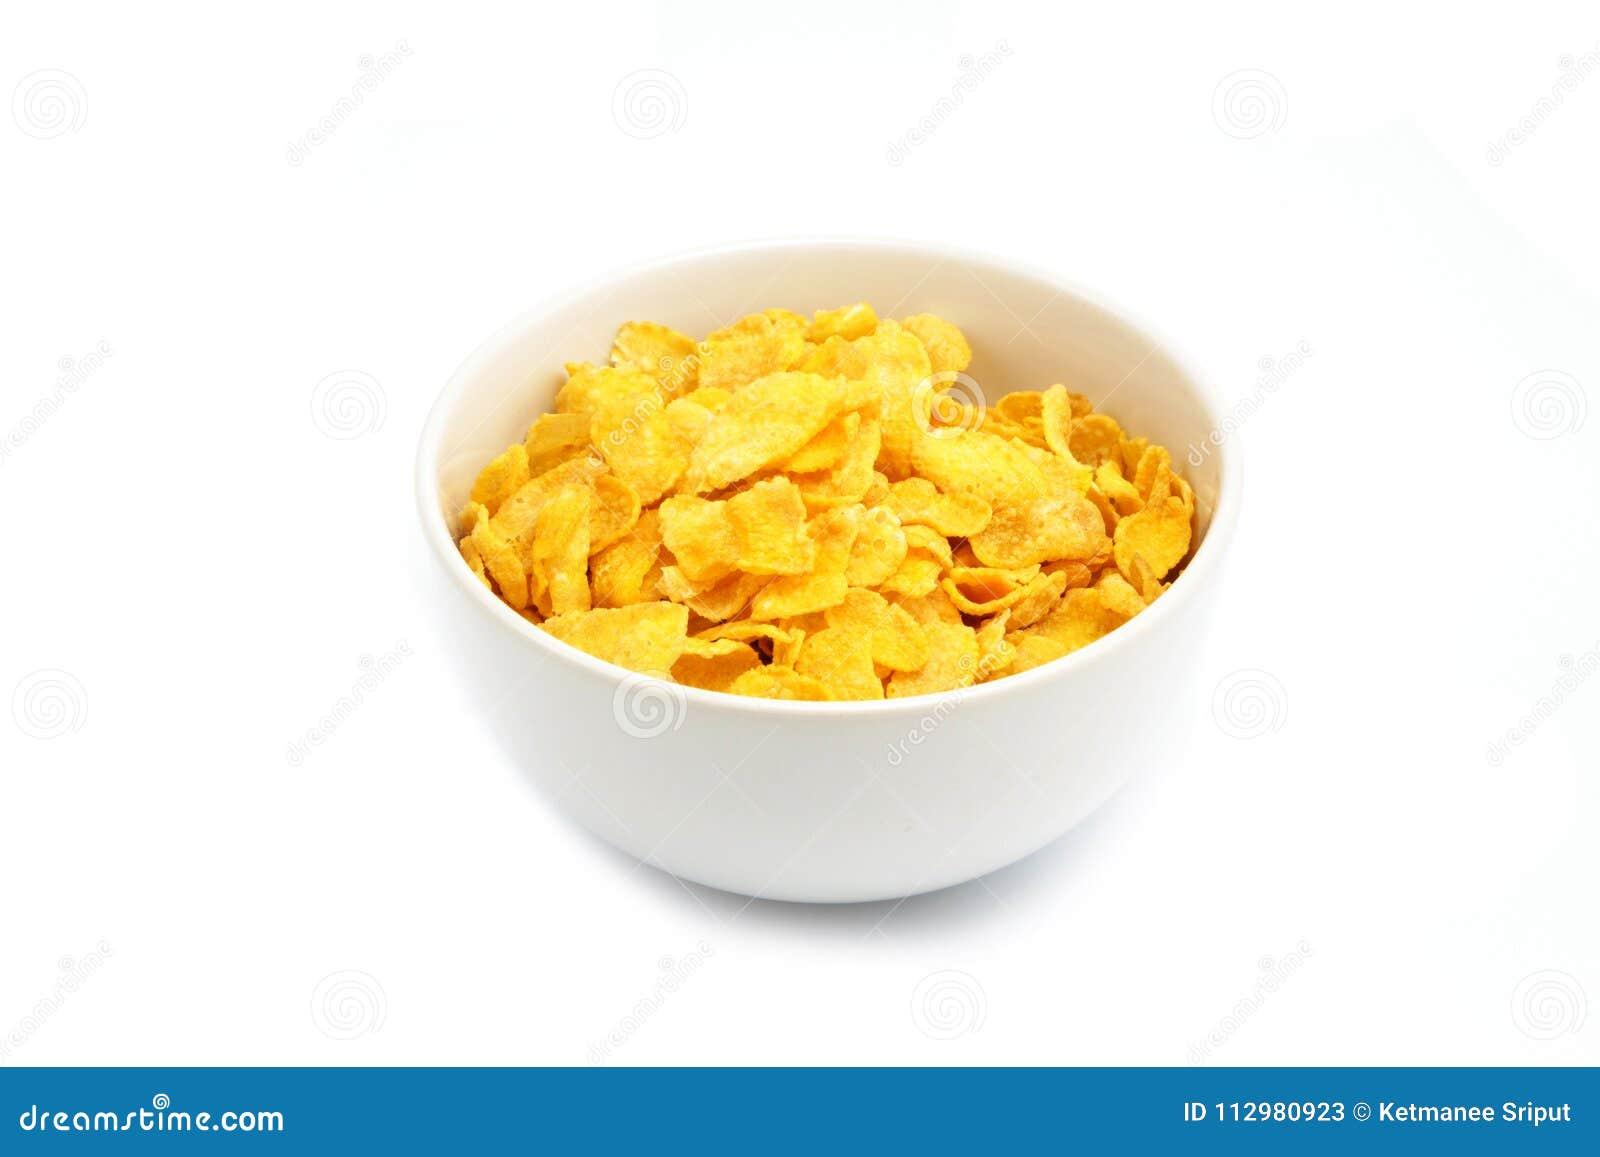 Copos de maíz o cereal en el fondo blanco